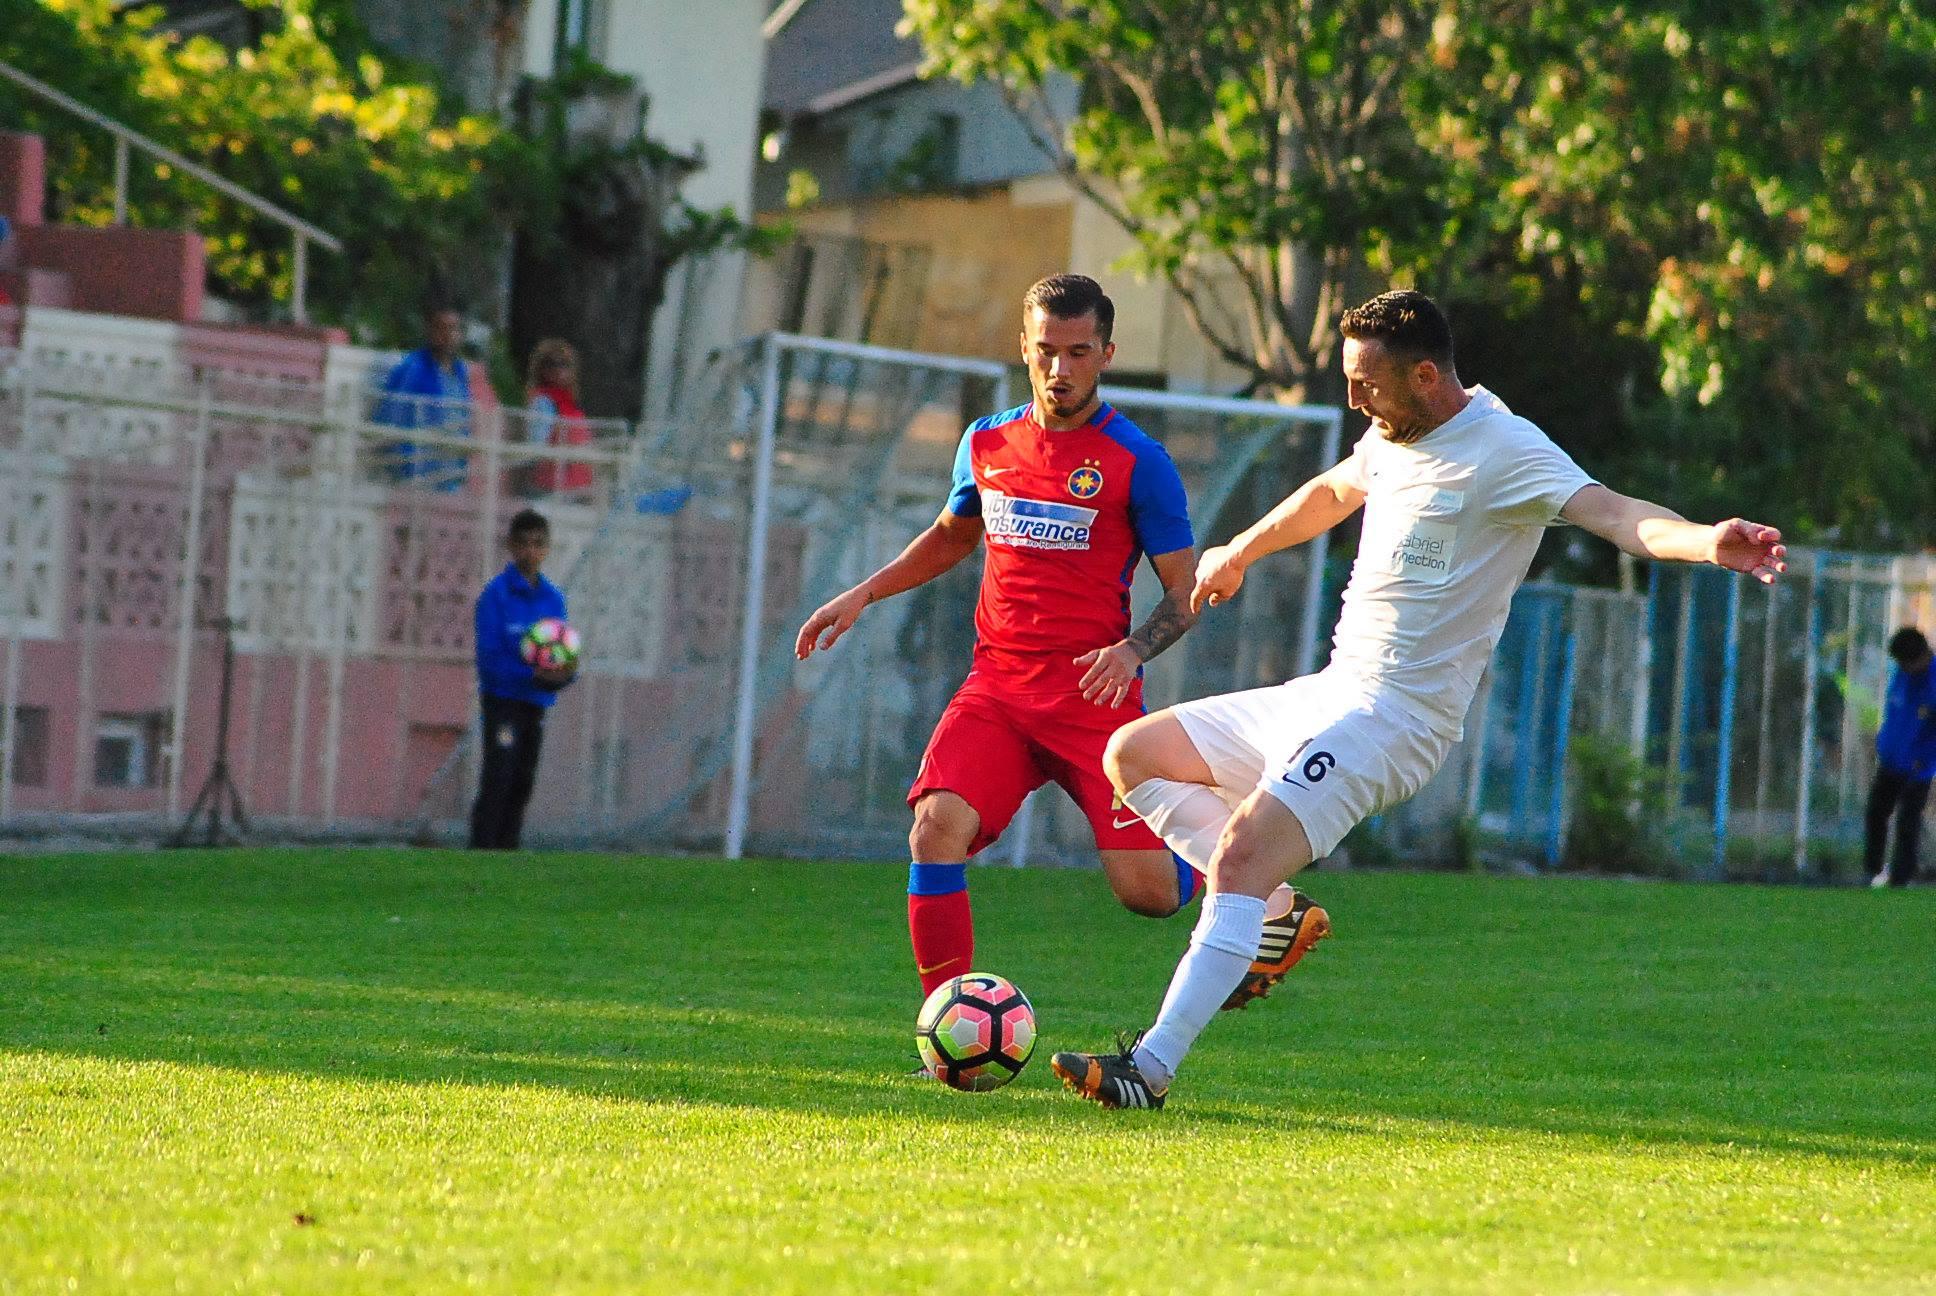 Podari cu ratările, Steaua II cu punctele